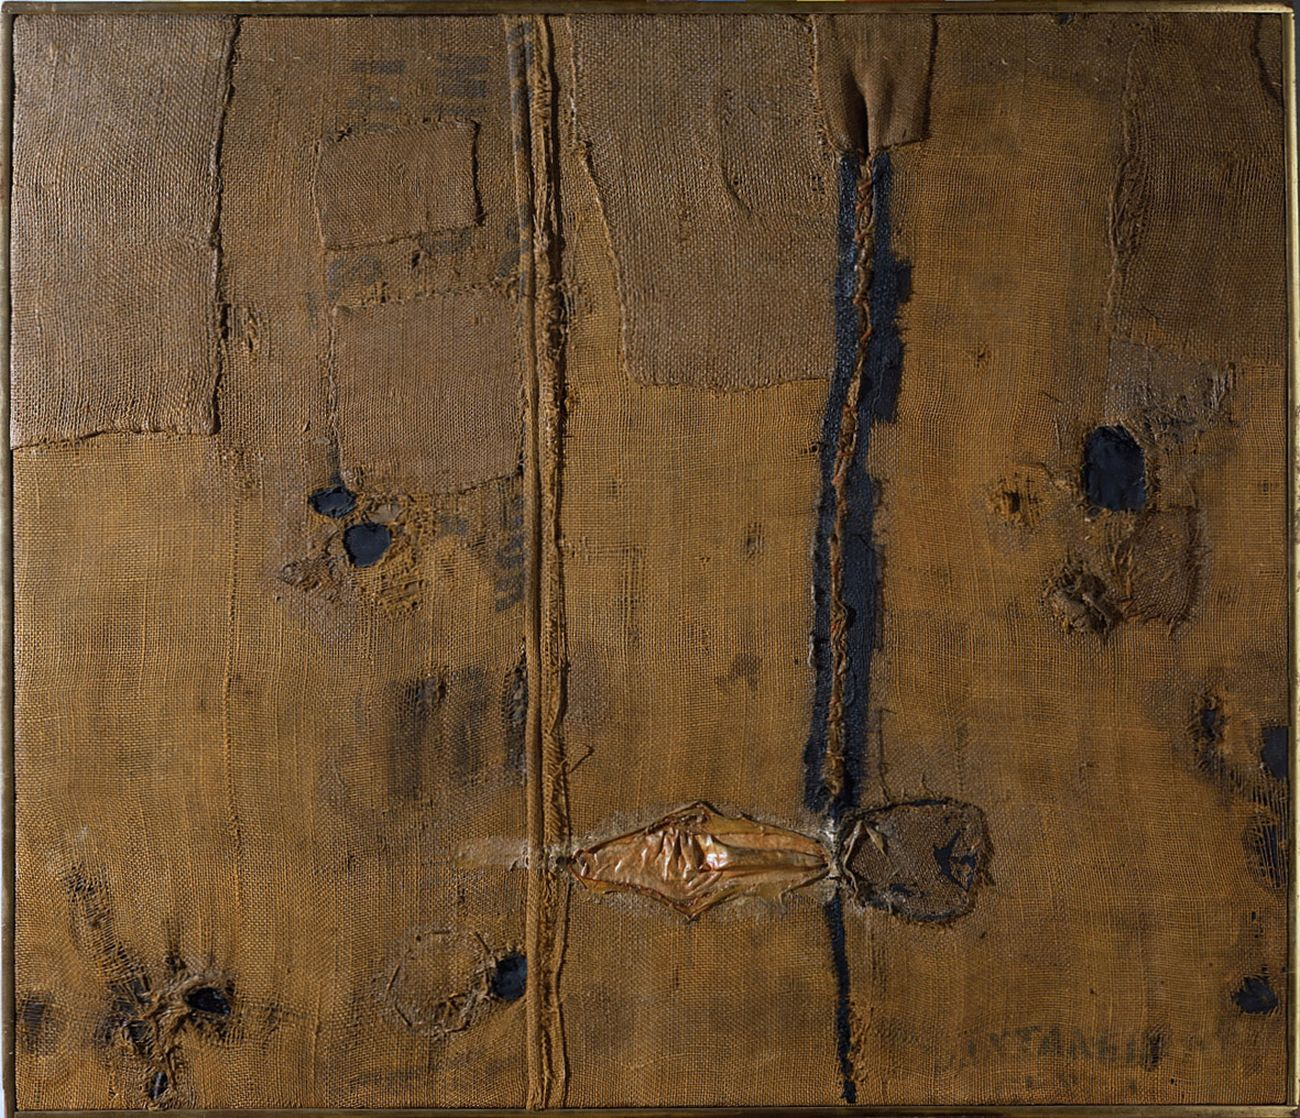 Alberto Burri, Sacco, 1953. Fondazione Torino Musei Galleria d'arte Moderna